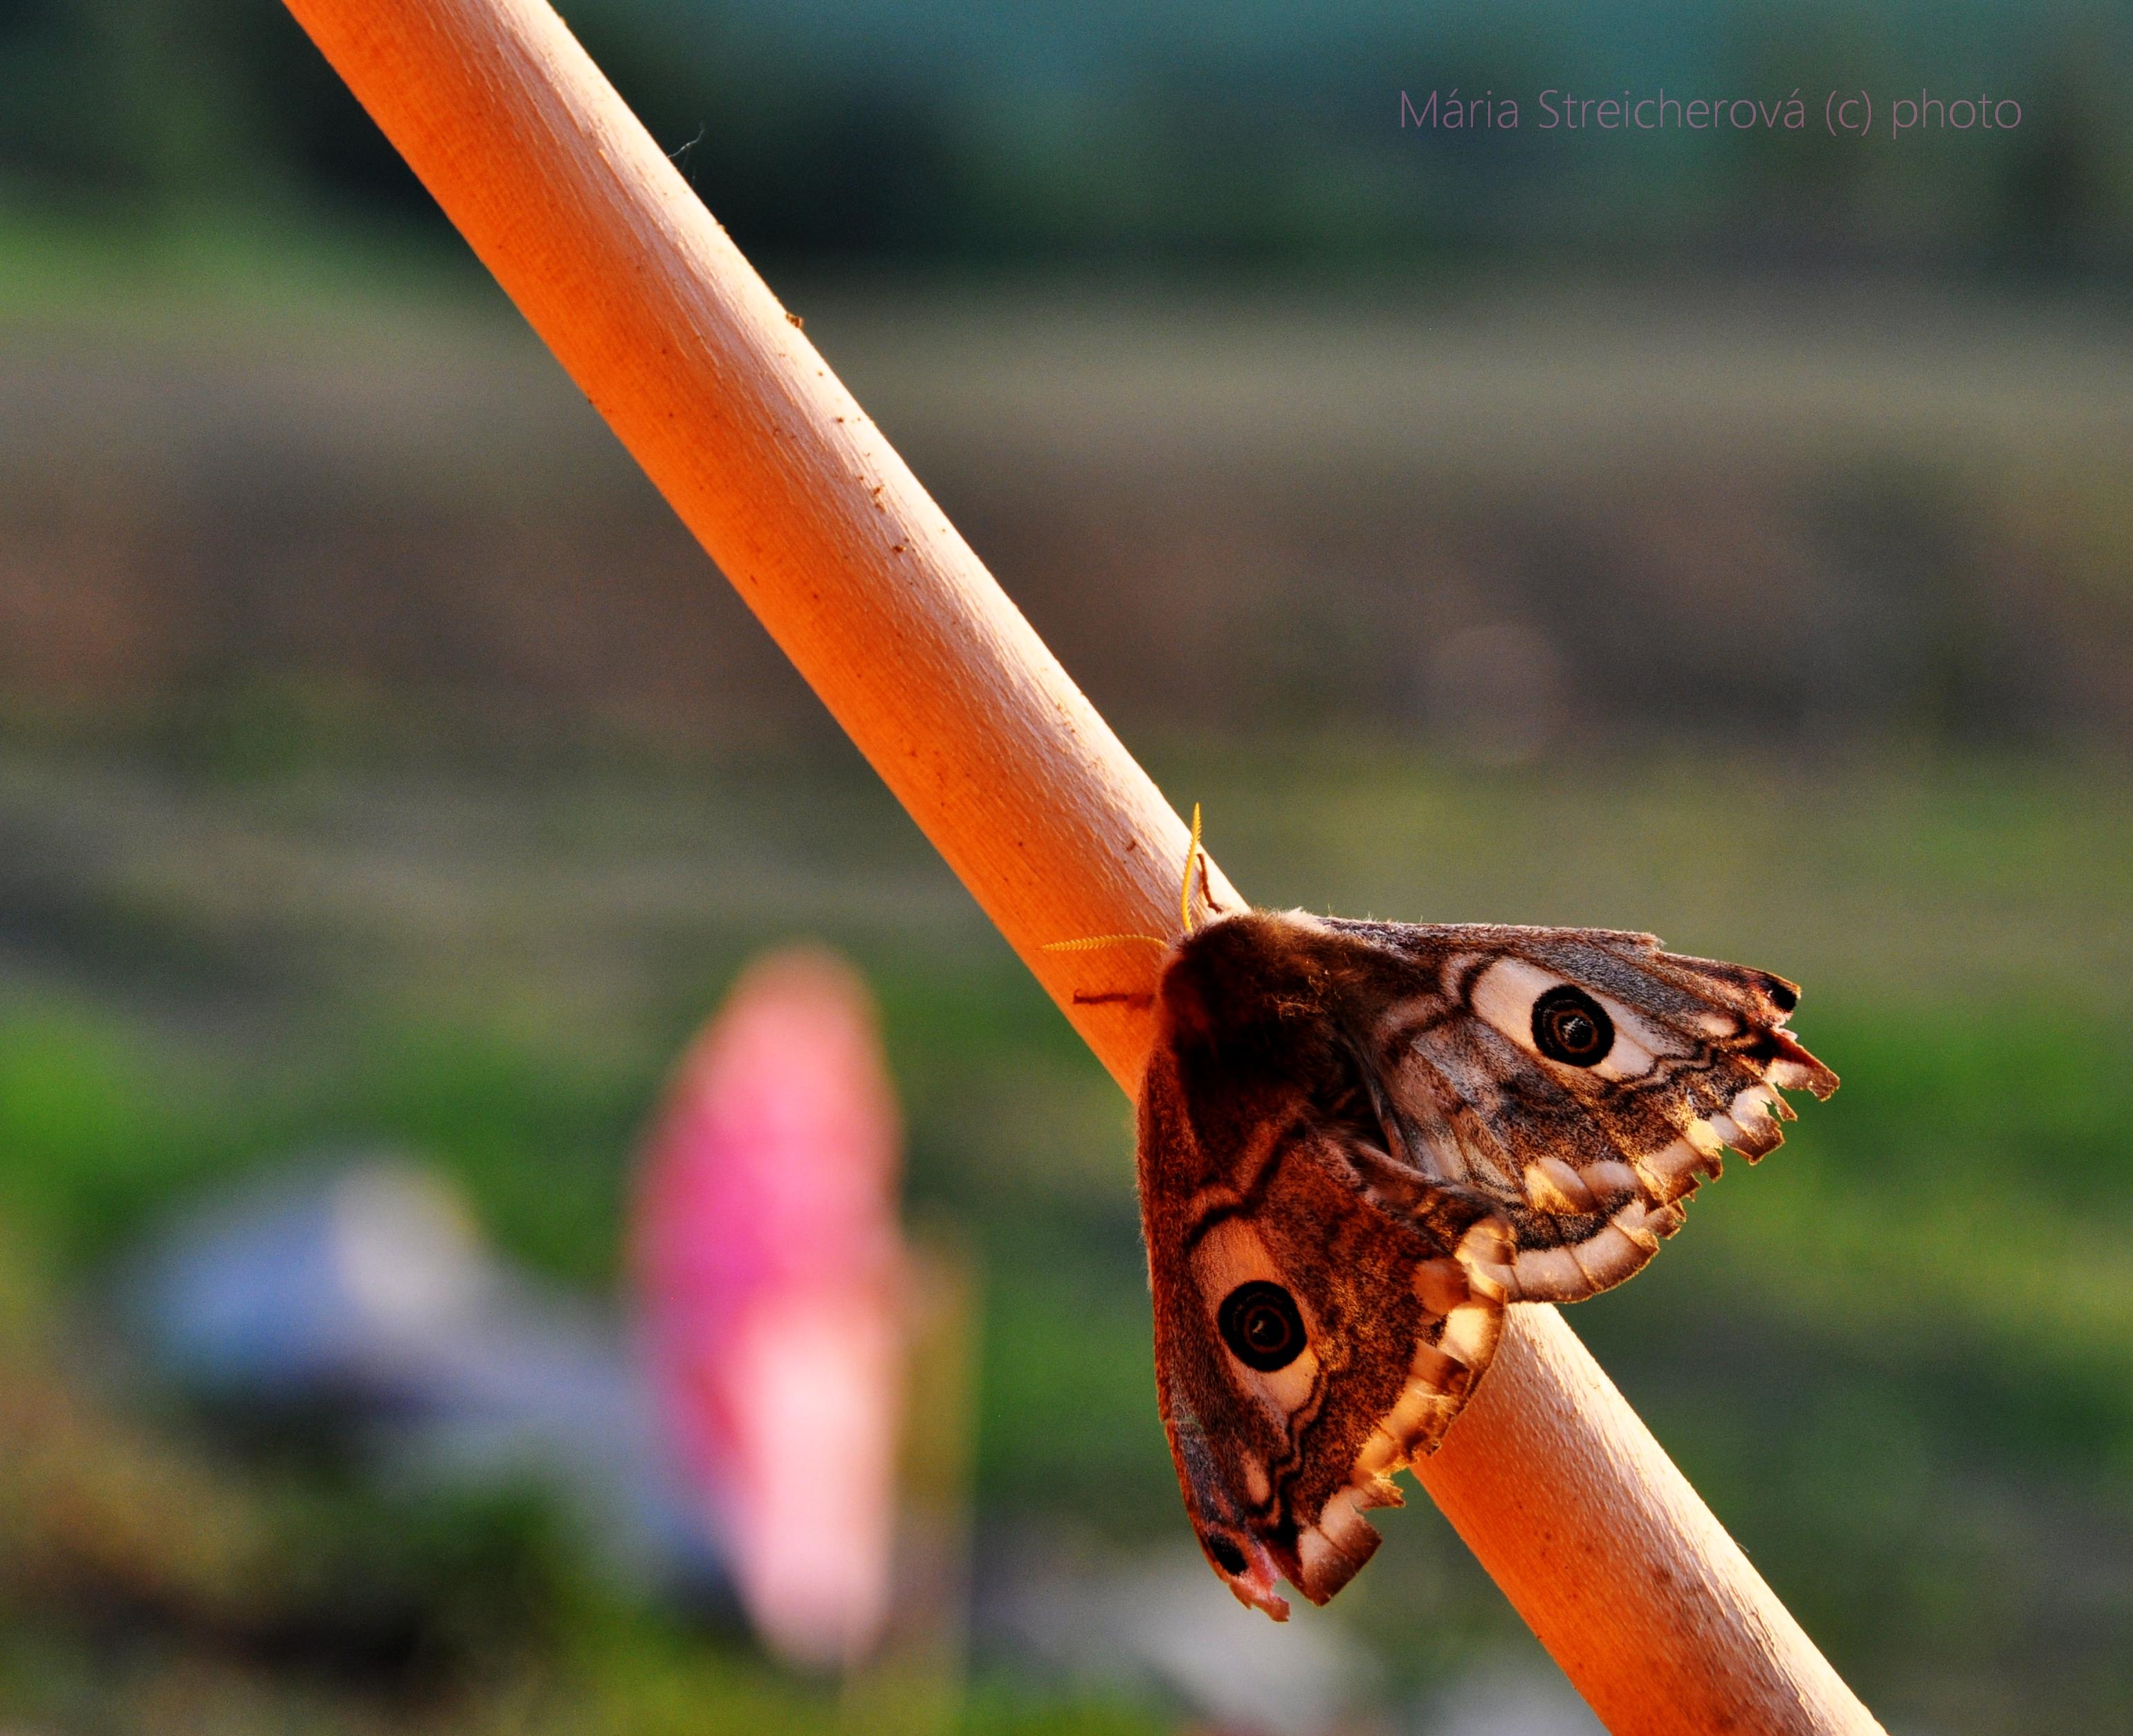 Spiaci nočný motýľ, vo dne, na drevenej paličke.